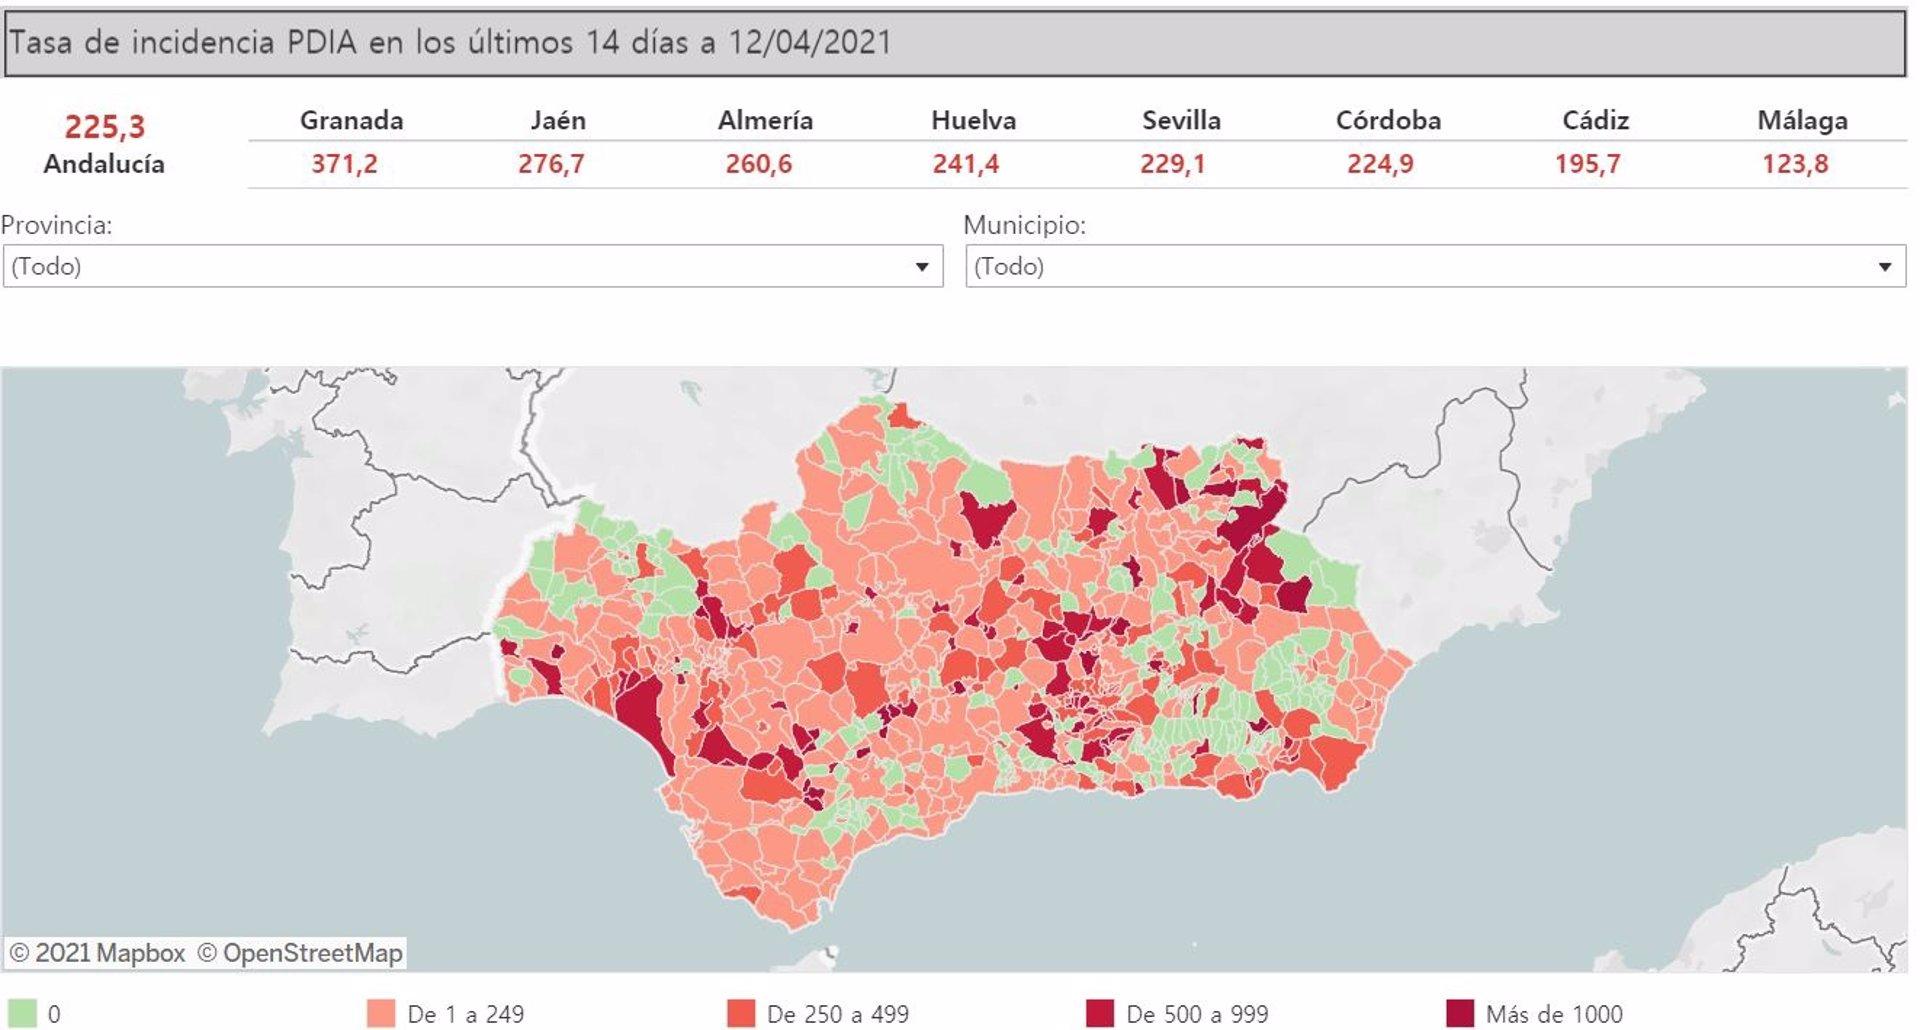 31 municipios de Granada superan este lunes la tasa 500 y nueve la de 1.000 casos